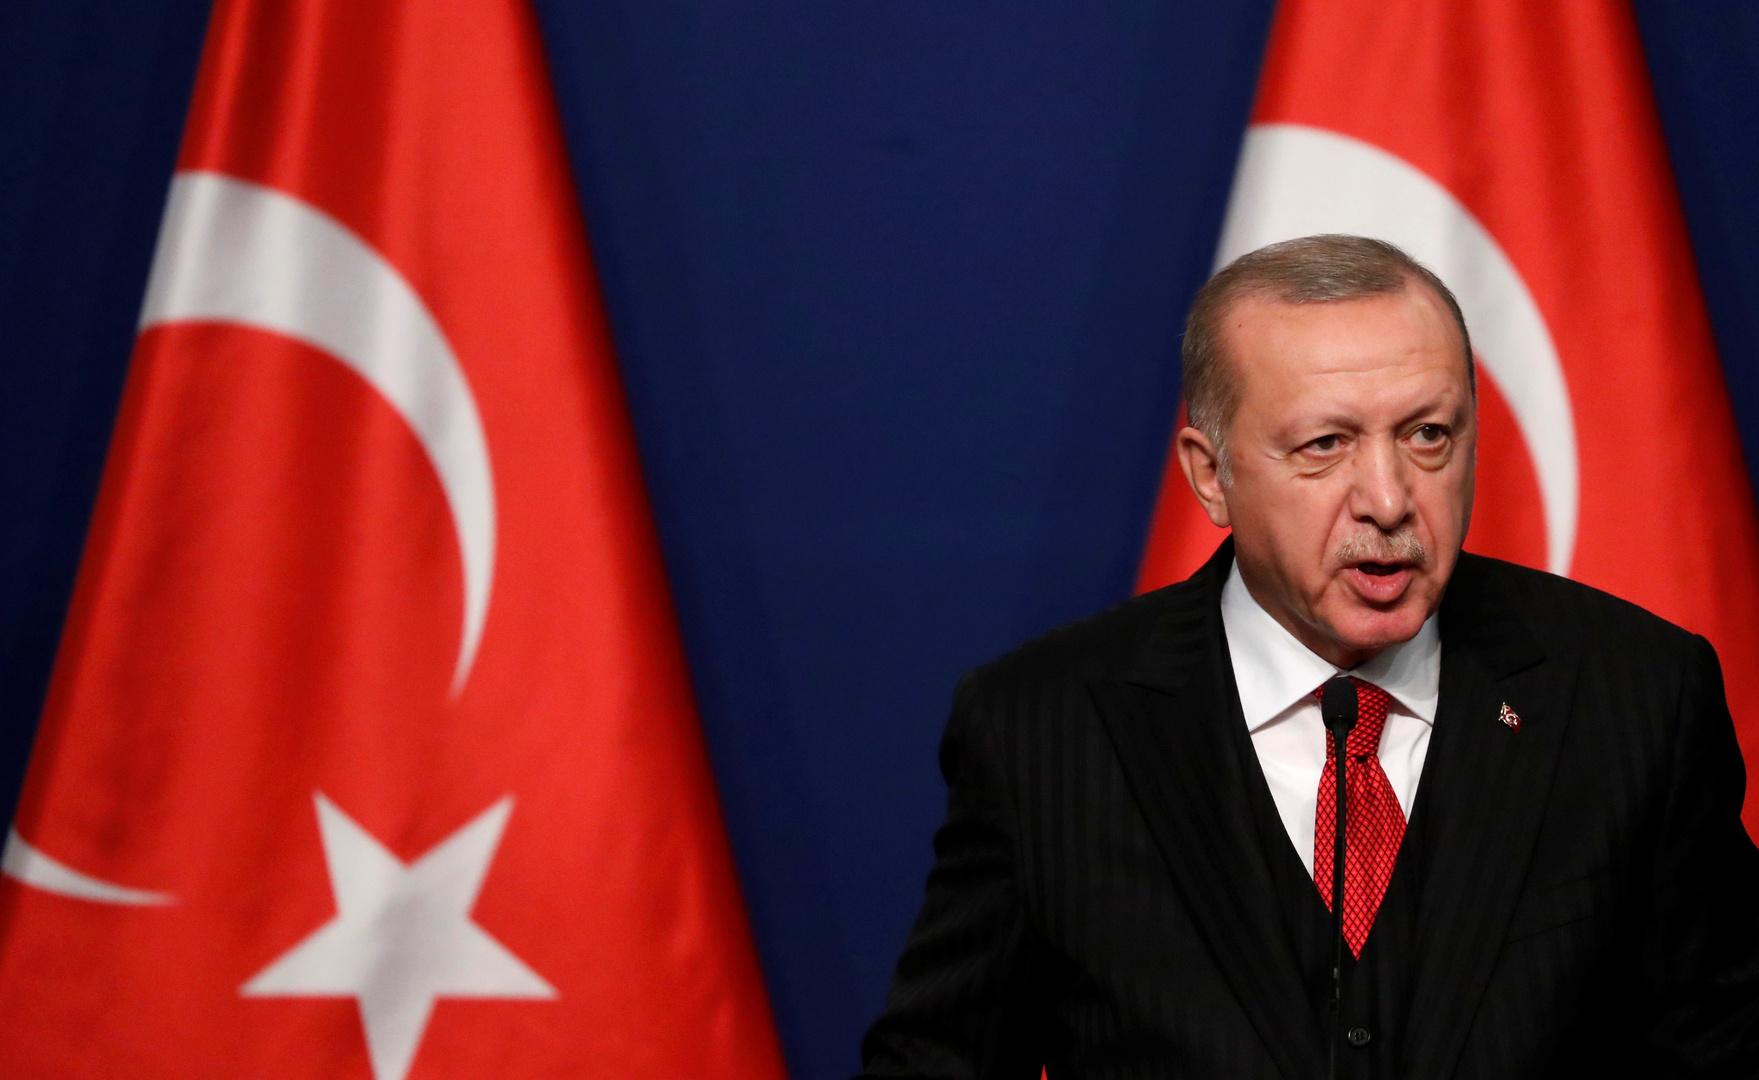 أردوغان: الاتفاقية المصرية اليونانية لا قيمة لها وهي باطلة